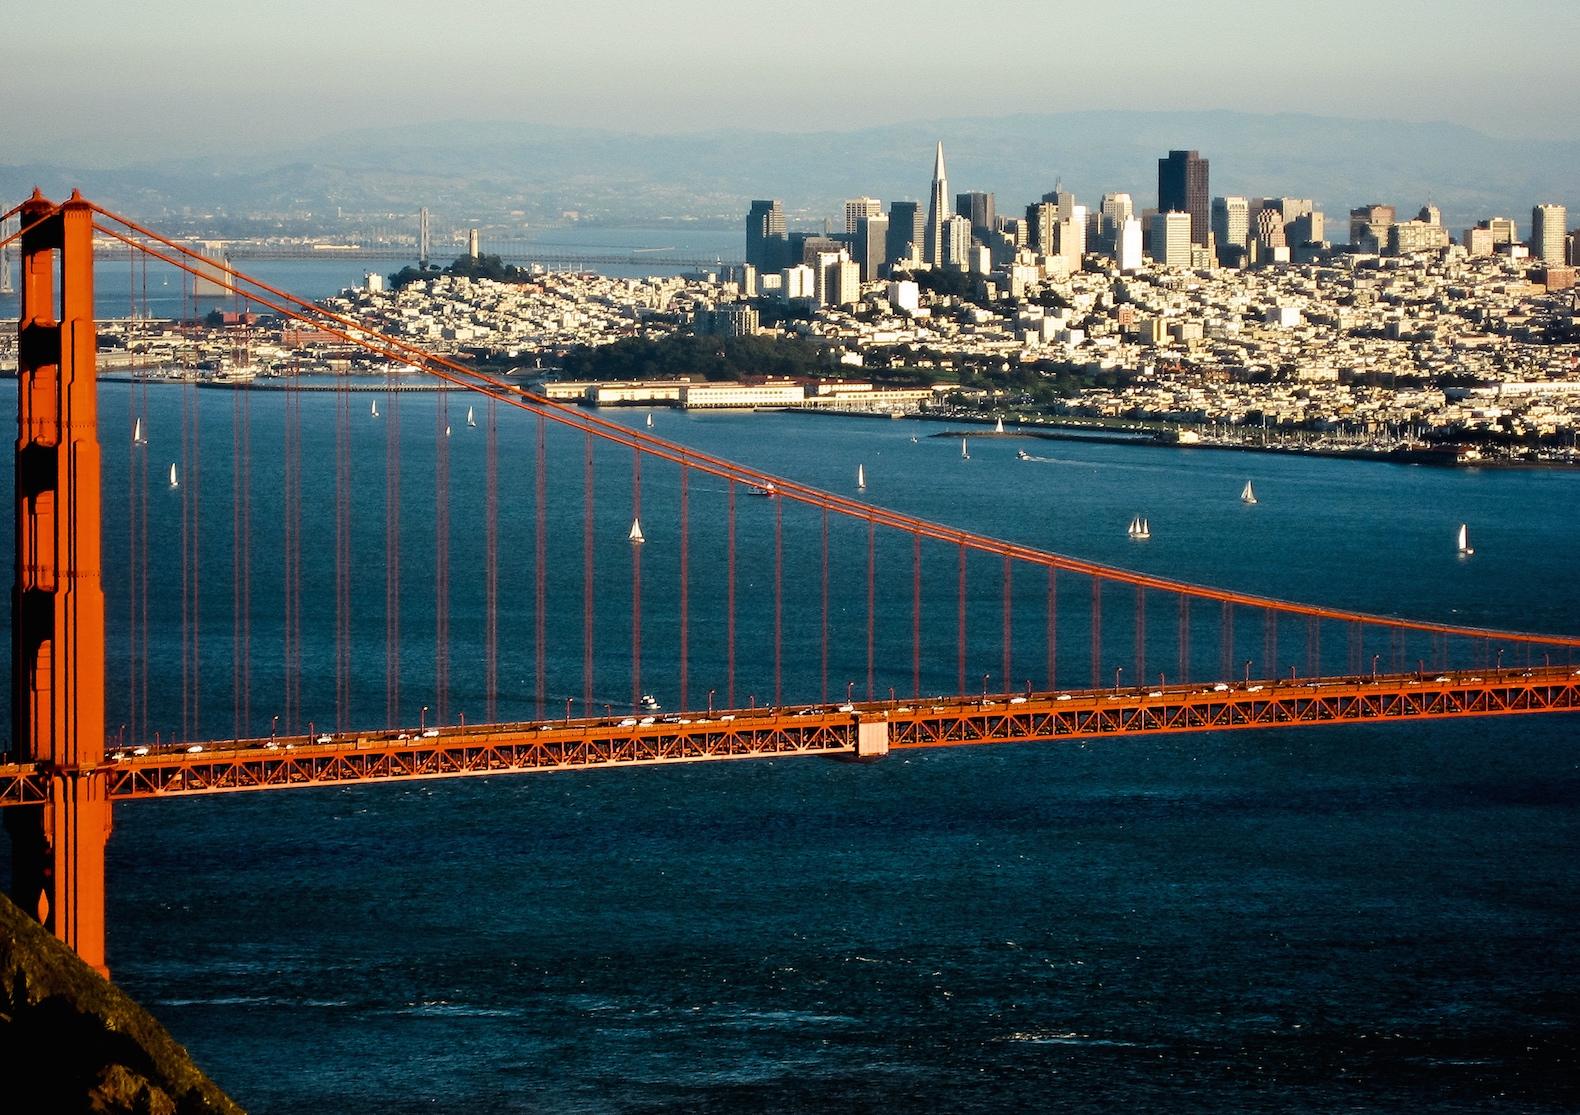 Крупнейшая водородная заправочная станция в мире может быть построена в Сан-Франциско